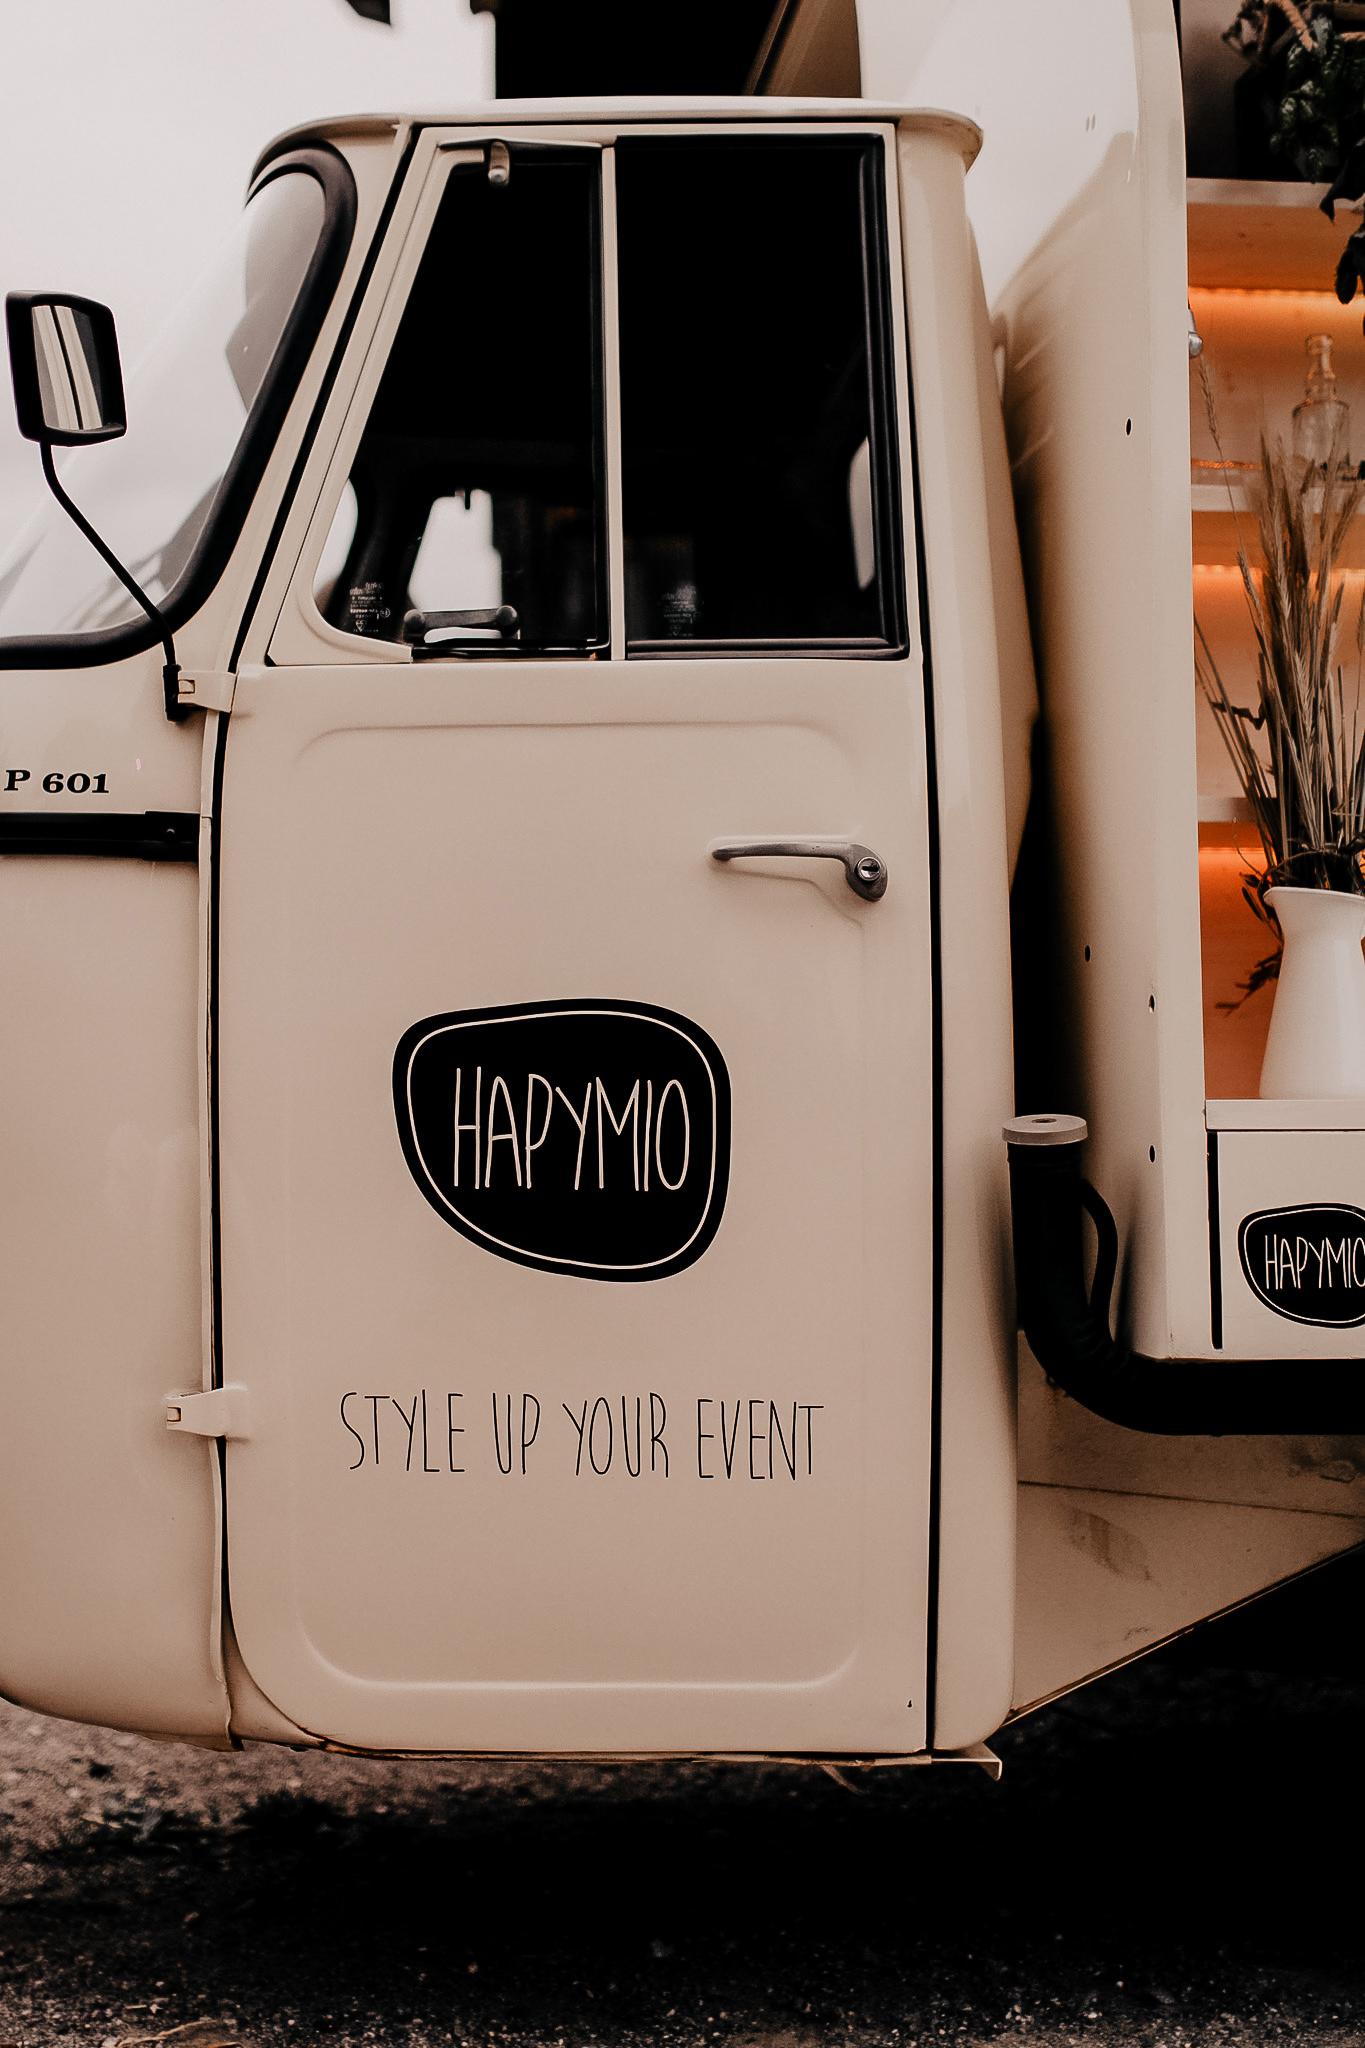 Produktplatzierung. Du suchst nach einem tollen Highlight für deine Hochzeit? Dann schau dir unbedingt die Hochzeits-Fotoboxen von Hapymio an. Ich war sofort begeistert von dem Konzept und diese Begeisterung hält bis heute an. Was das Besondere an den Hapymio's ist und warum es sich dabei nicht nur um eine reine Fotobox sondern ein echtes Eventmobil handelt, möchte ich dir heute erzählen. #fotobox #hochzeit #herbsthochzeit #hapymio